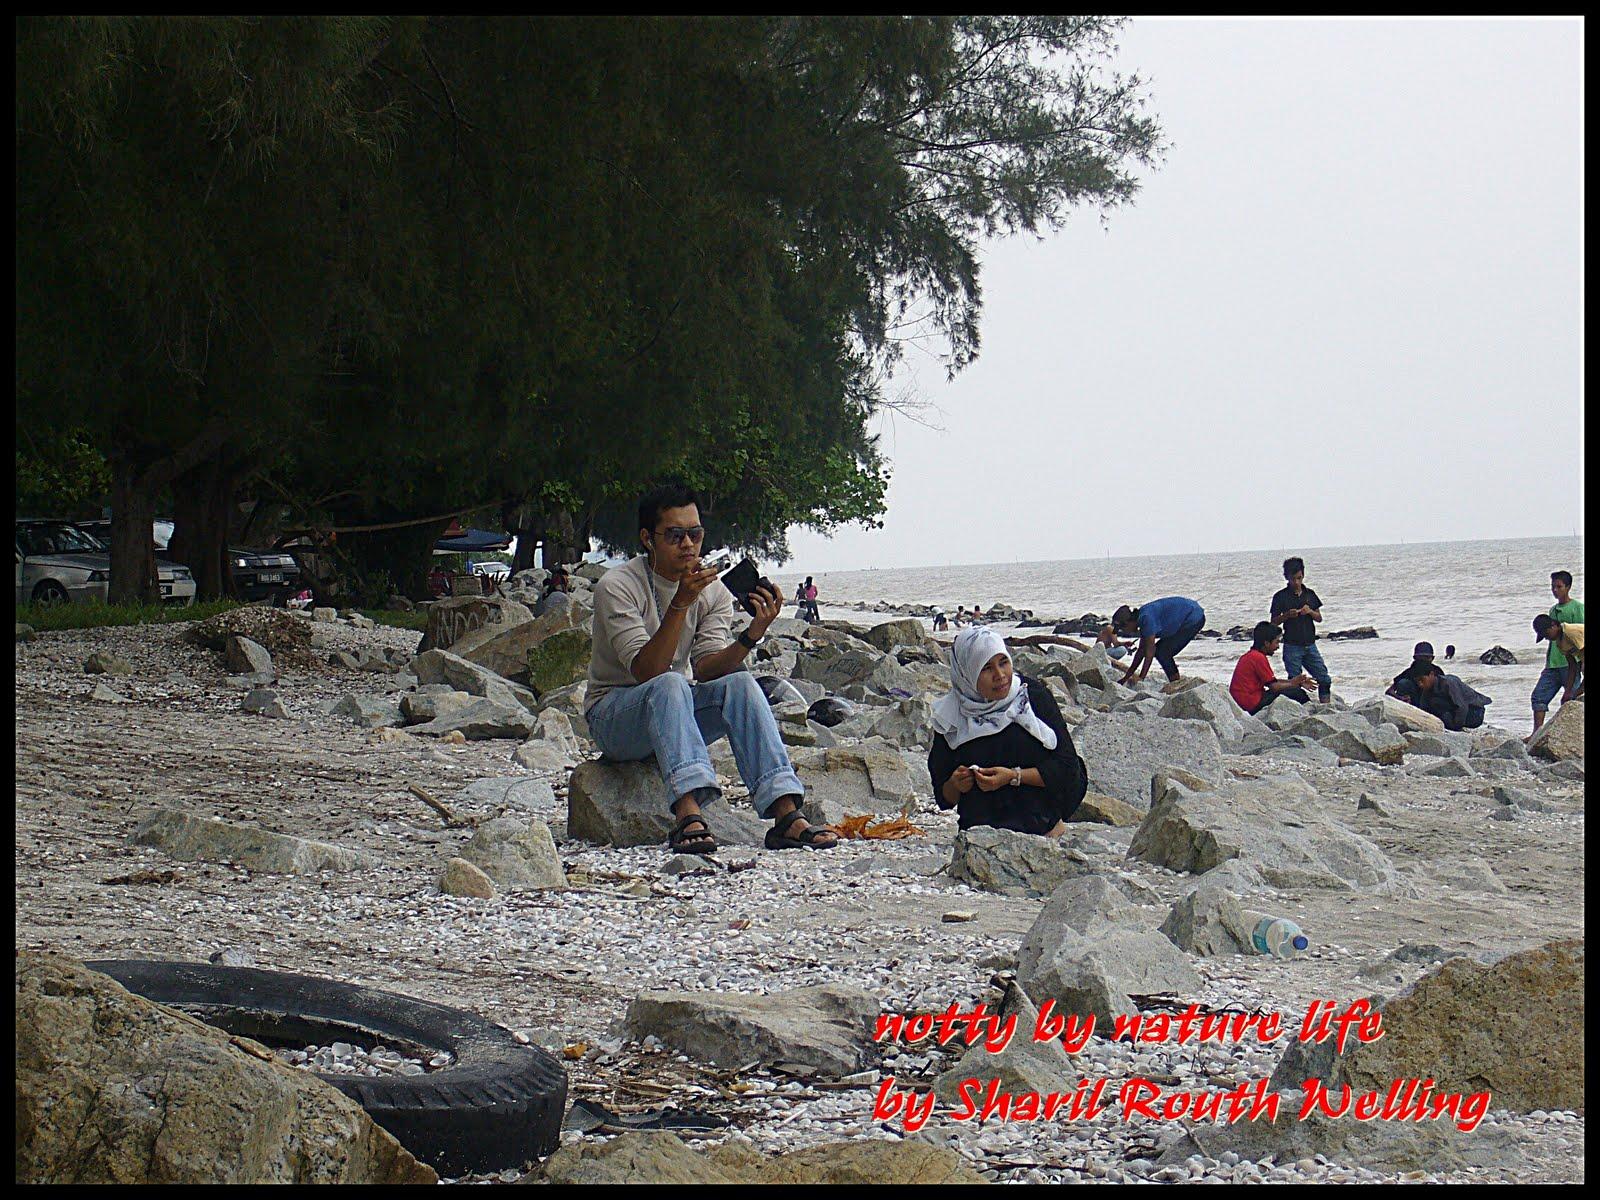 Pantai Remis Malaysia  city photo : Pantai Remis, Kuala Selangor ~ Notty by Nature Life Chapter 1